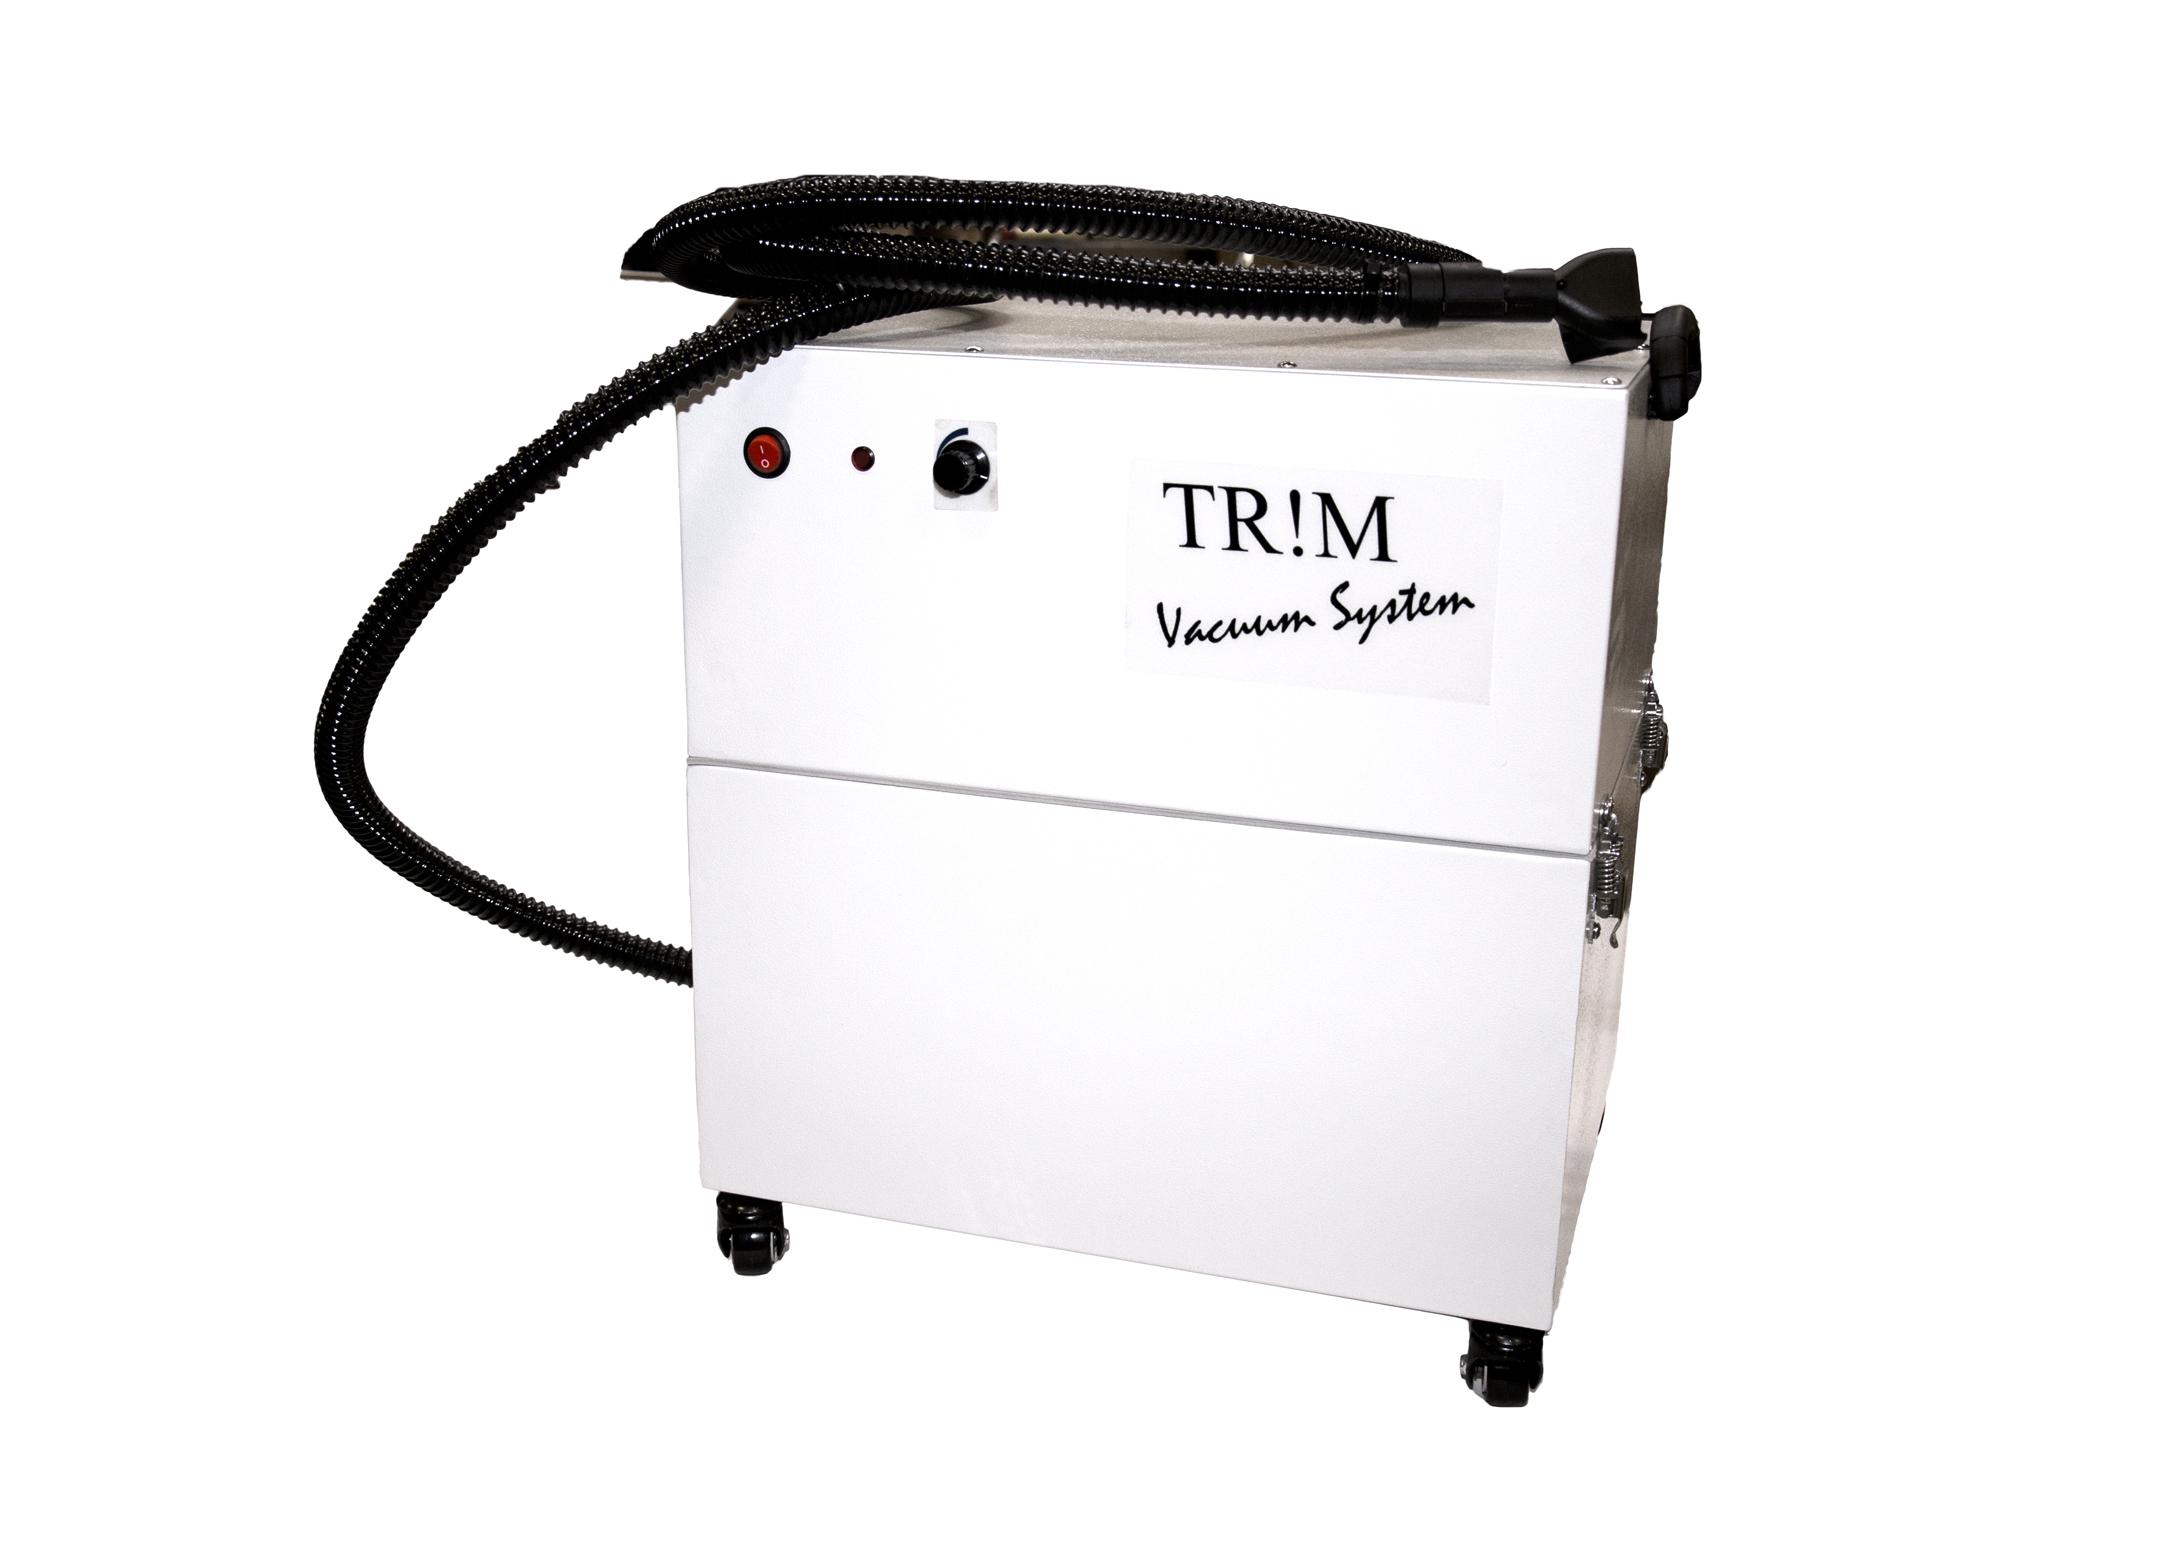 TR!M Vacuum System TVSII for Andis